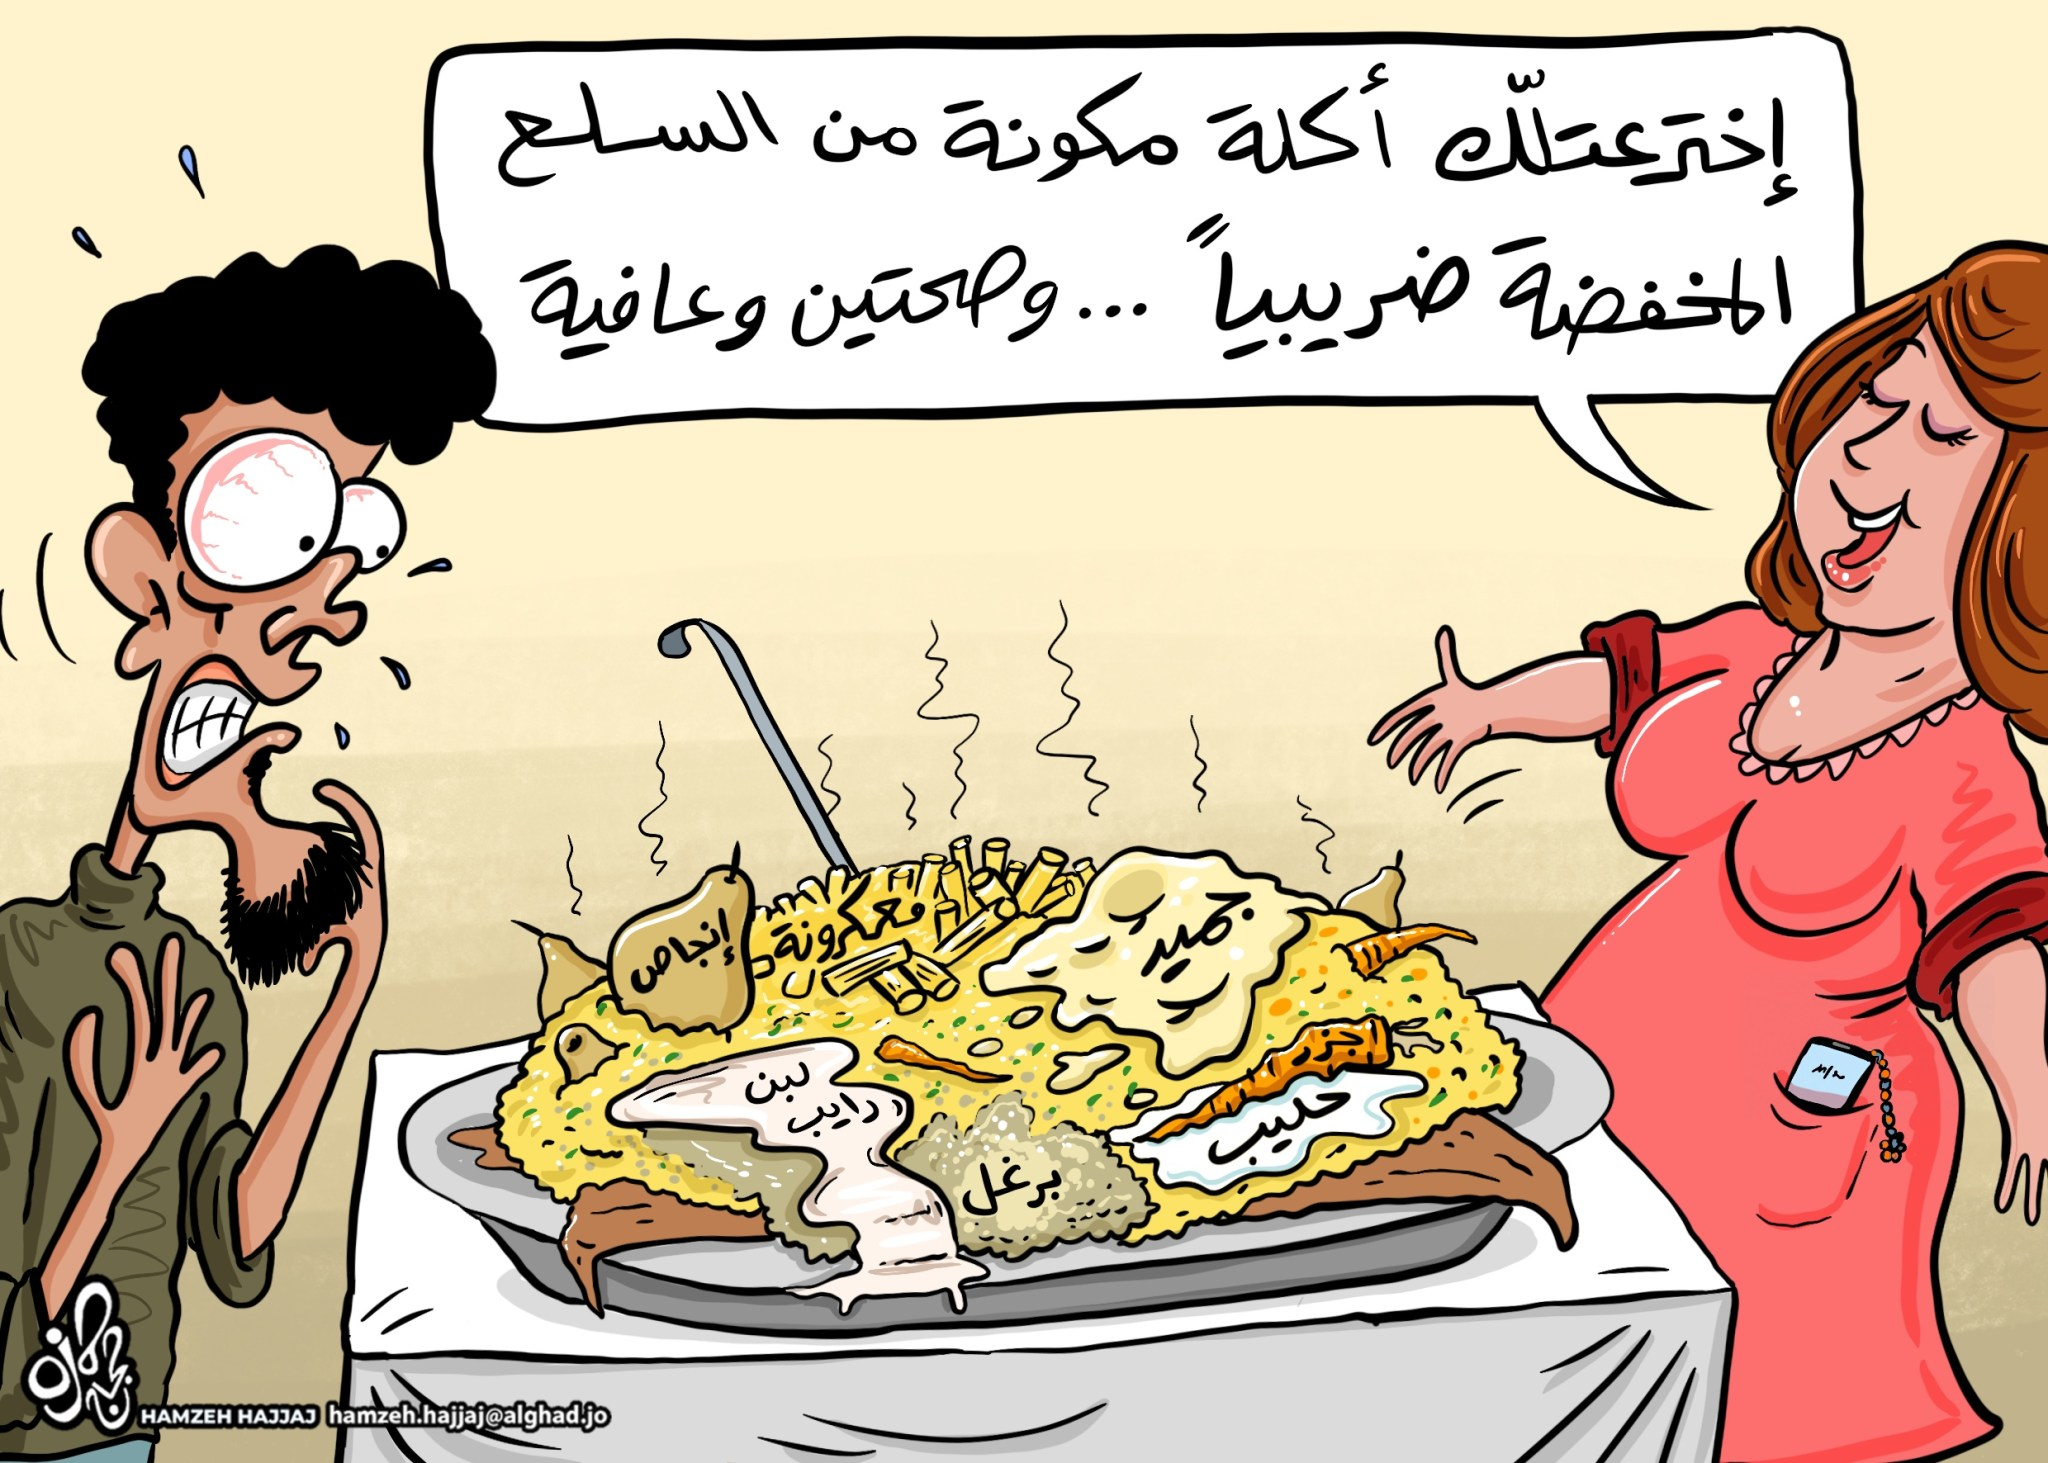 كاريكاتير أكلة صحتين وعافية